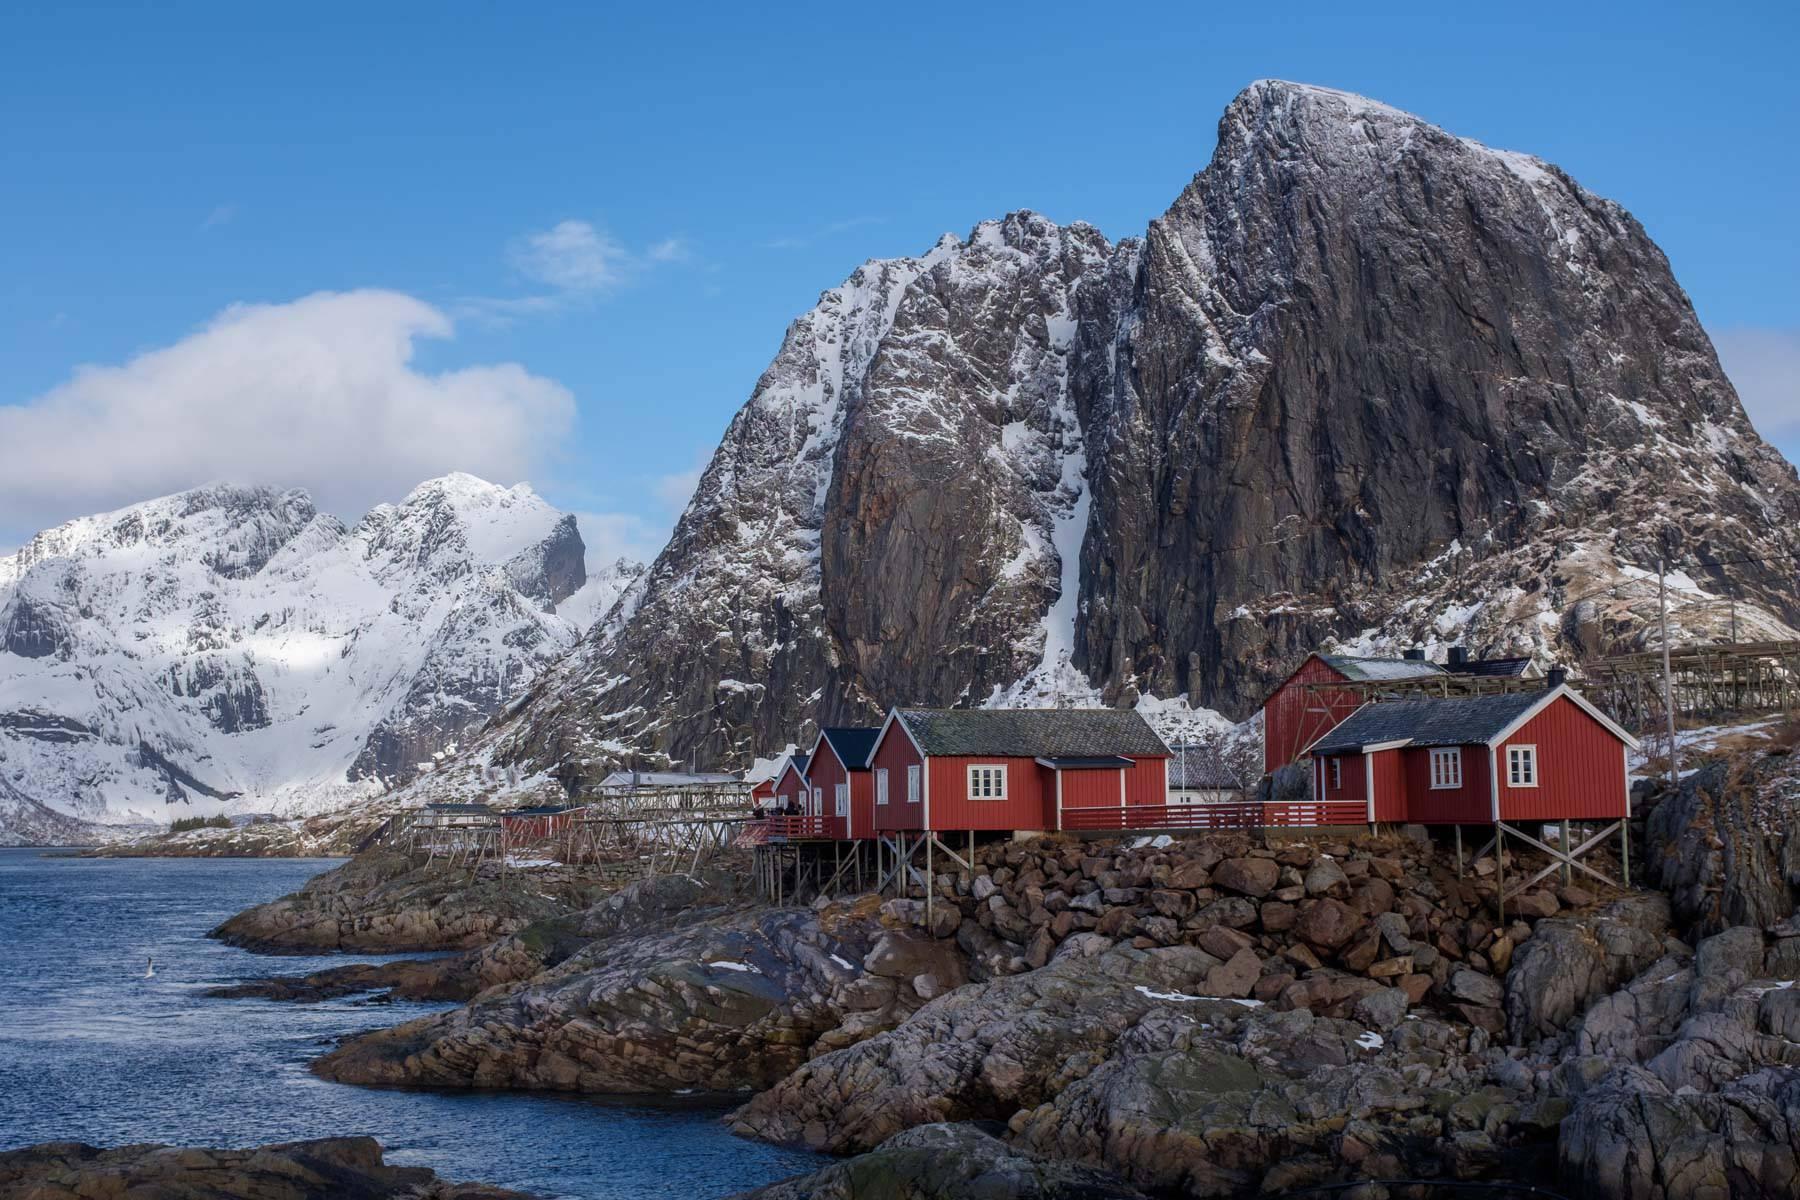 Hamnøy aus mehr typischer Perspektive